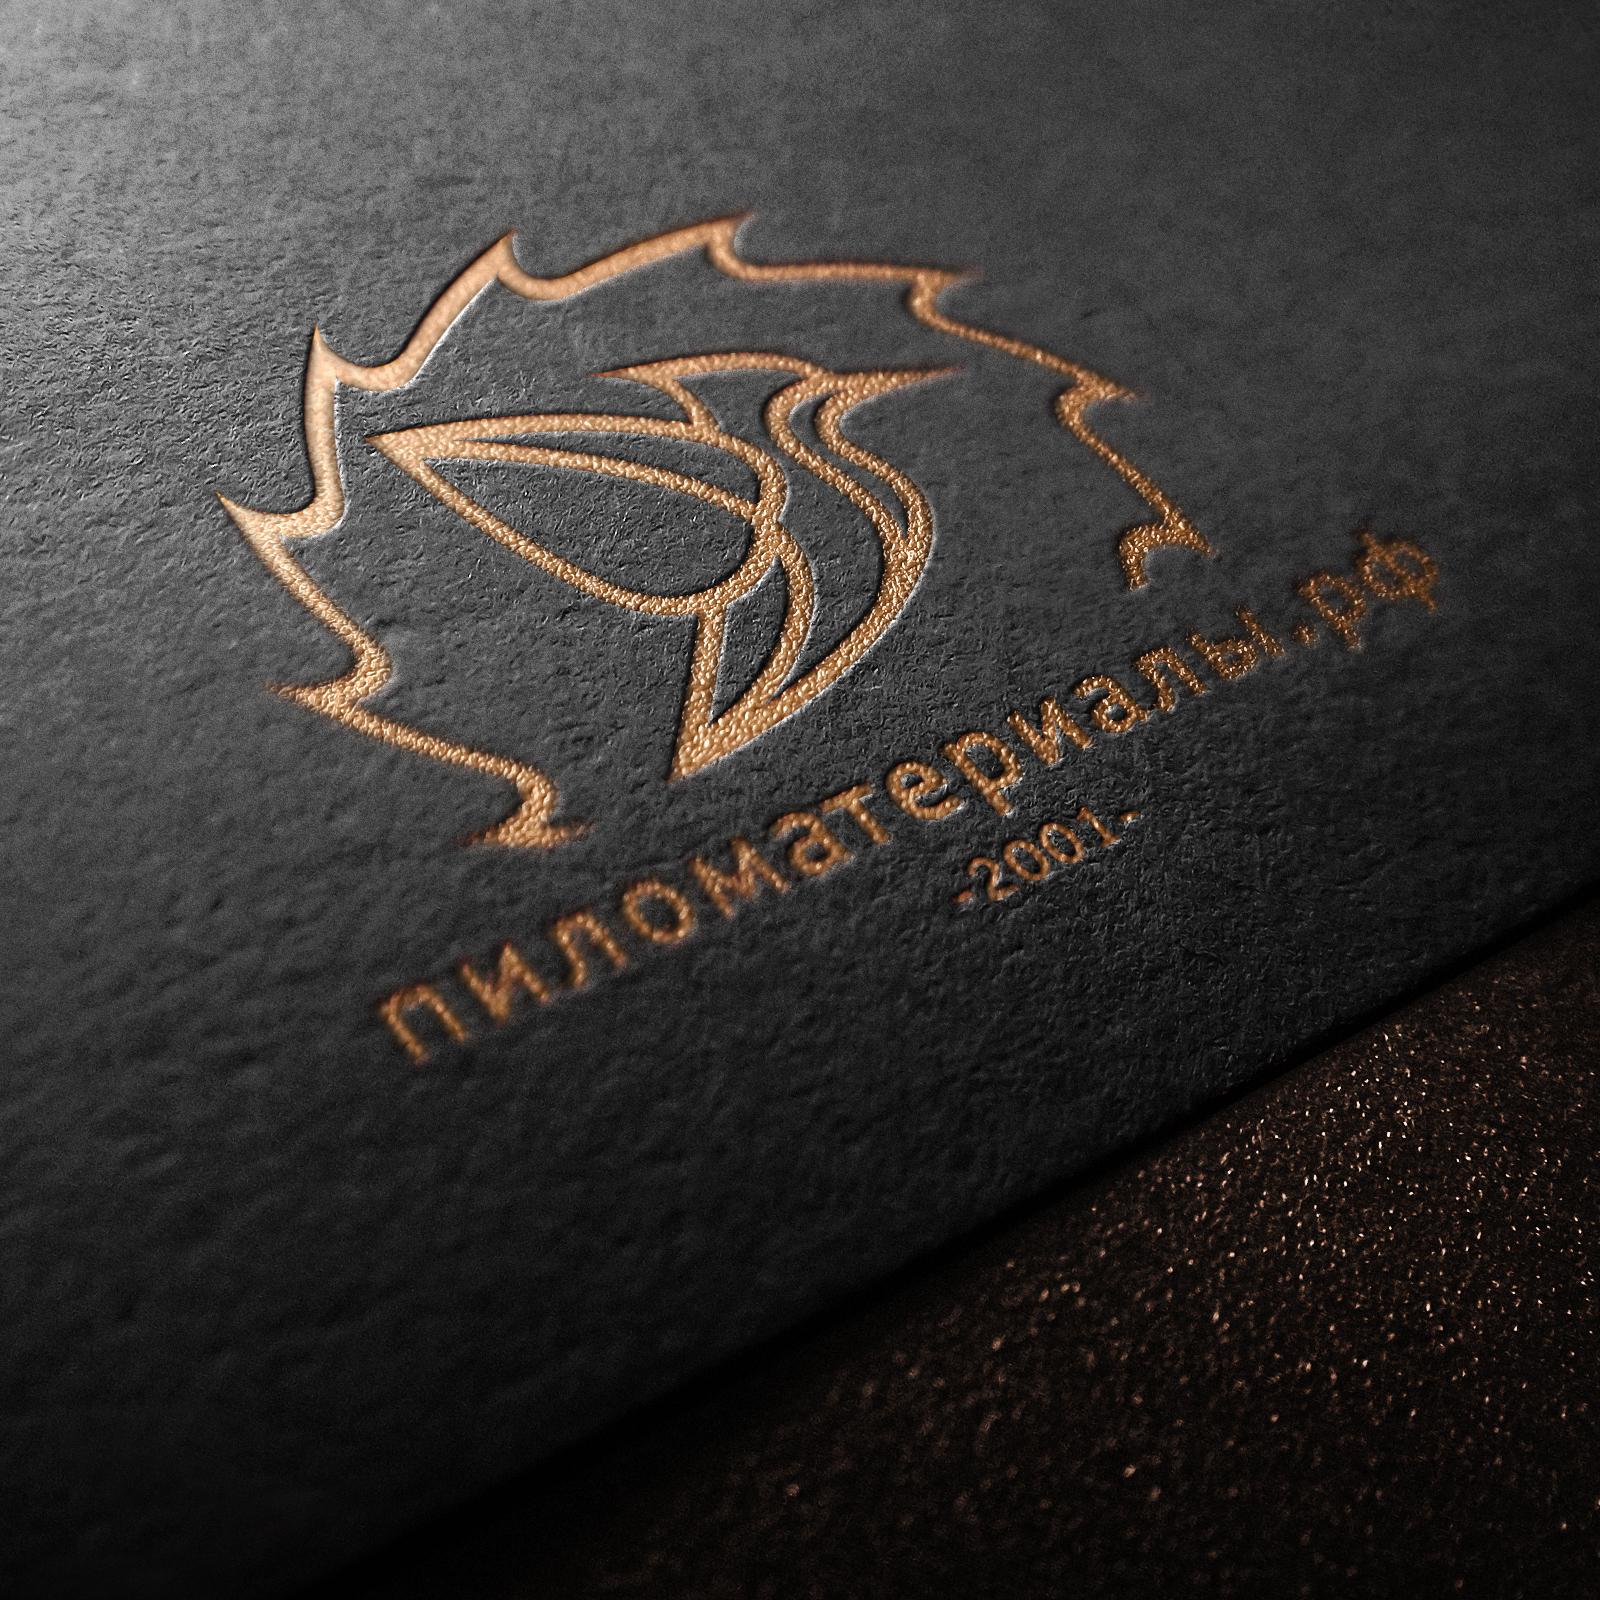 """Создание логотипа и фирменного стиля """"Пиломатериалы.РФ"""" фото f_20553006eac7377a.jpg"""